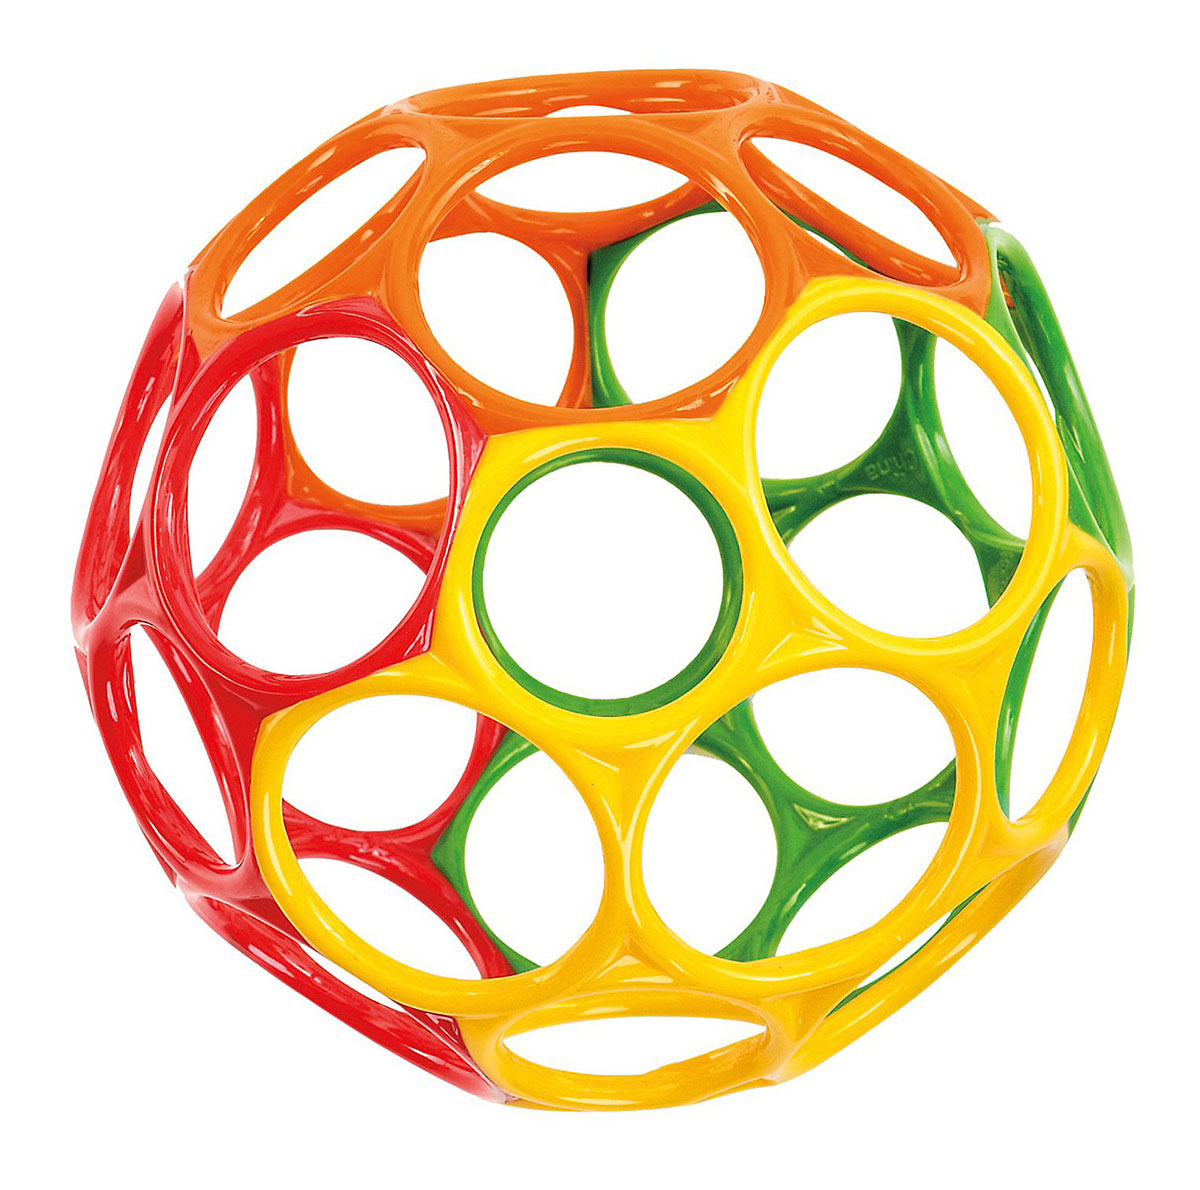 Oball Развивающая игрушка Мячик цвет красный зеленый желтый